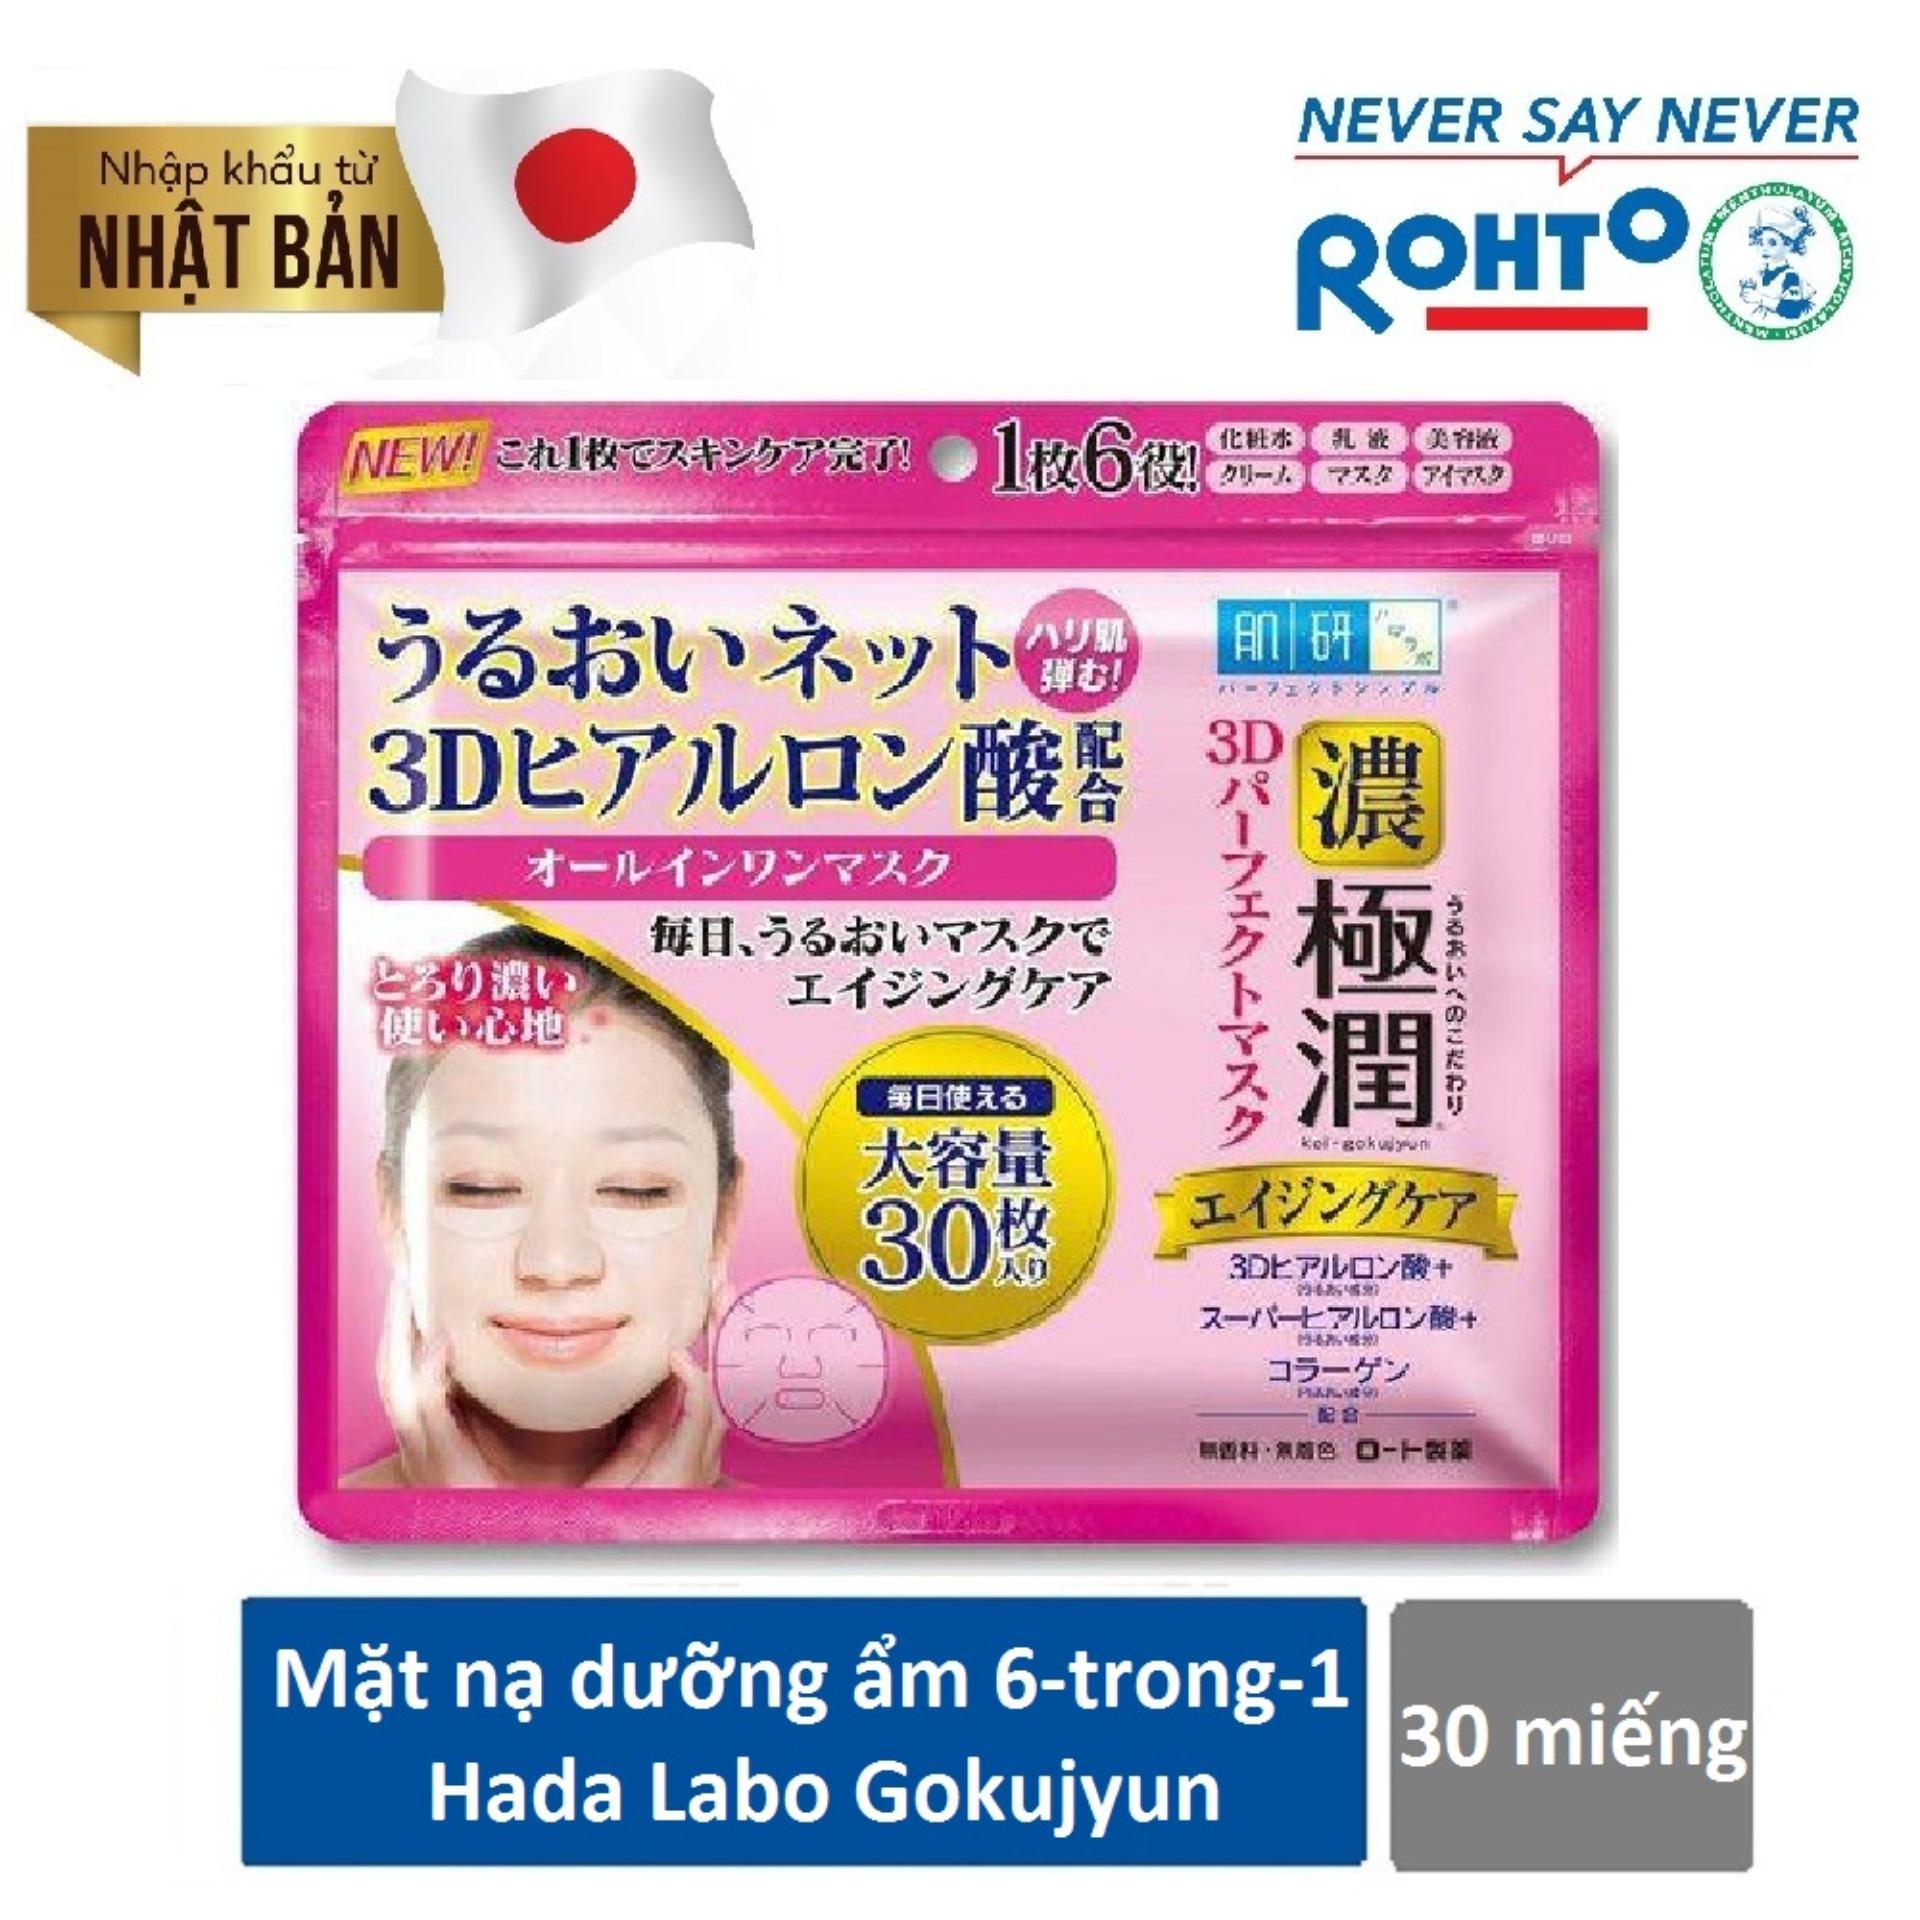 Hình ảnh Mặt nạ dưỡng ẩm 3D hoàn hảo Hada Labo Gokujyun 3D Perfect Mask 30pcs ( Nhập khẩu từ Nhật Bản)